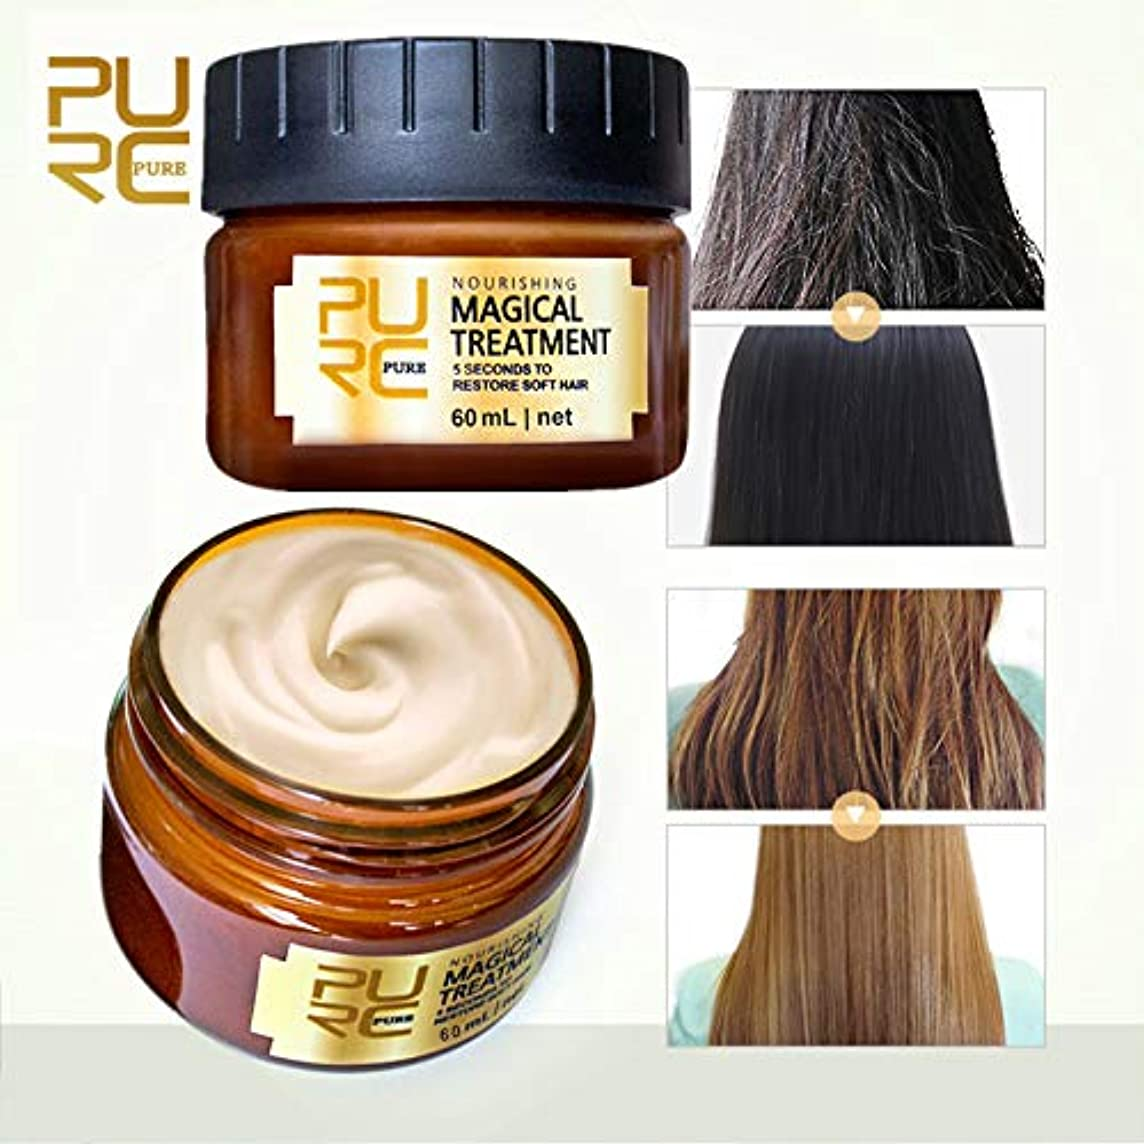 騒々しいつば寄生虫ベストプライス - 3本x 60mlマジカルヘアトリートメントマスク5秒 ダメージを回復しますソフトヘアケラチンヘアケア&スカルプトリートメント (3pcs X 60ml Magical Hair Treatment Mask 5 Seconds Repairs Damage Restore Soft Hair Keratin Hair Care & Scalp Treatment